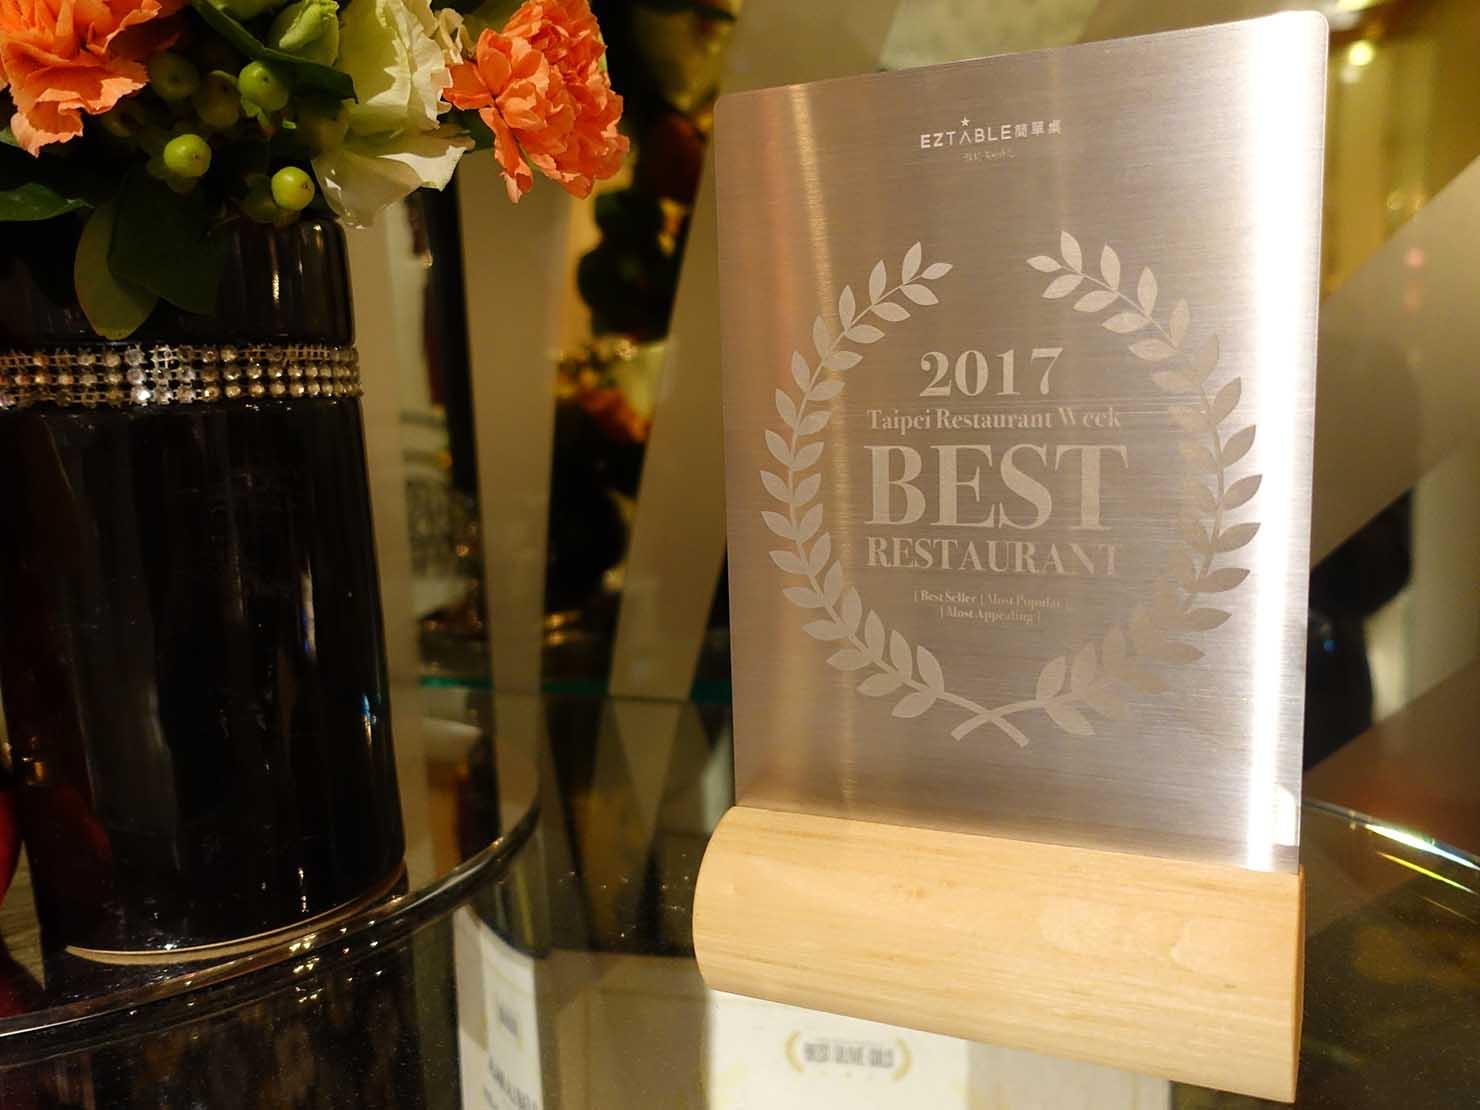 台北の4つ星ホテルにあるステーキハウス「地中海牛排館」に飾られた表彰盾